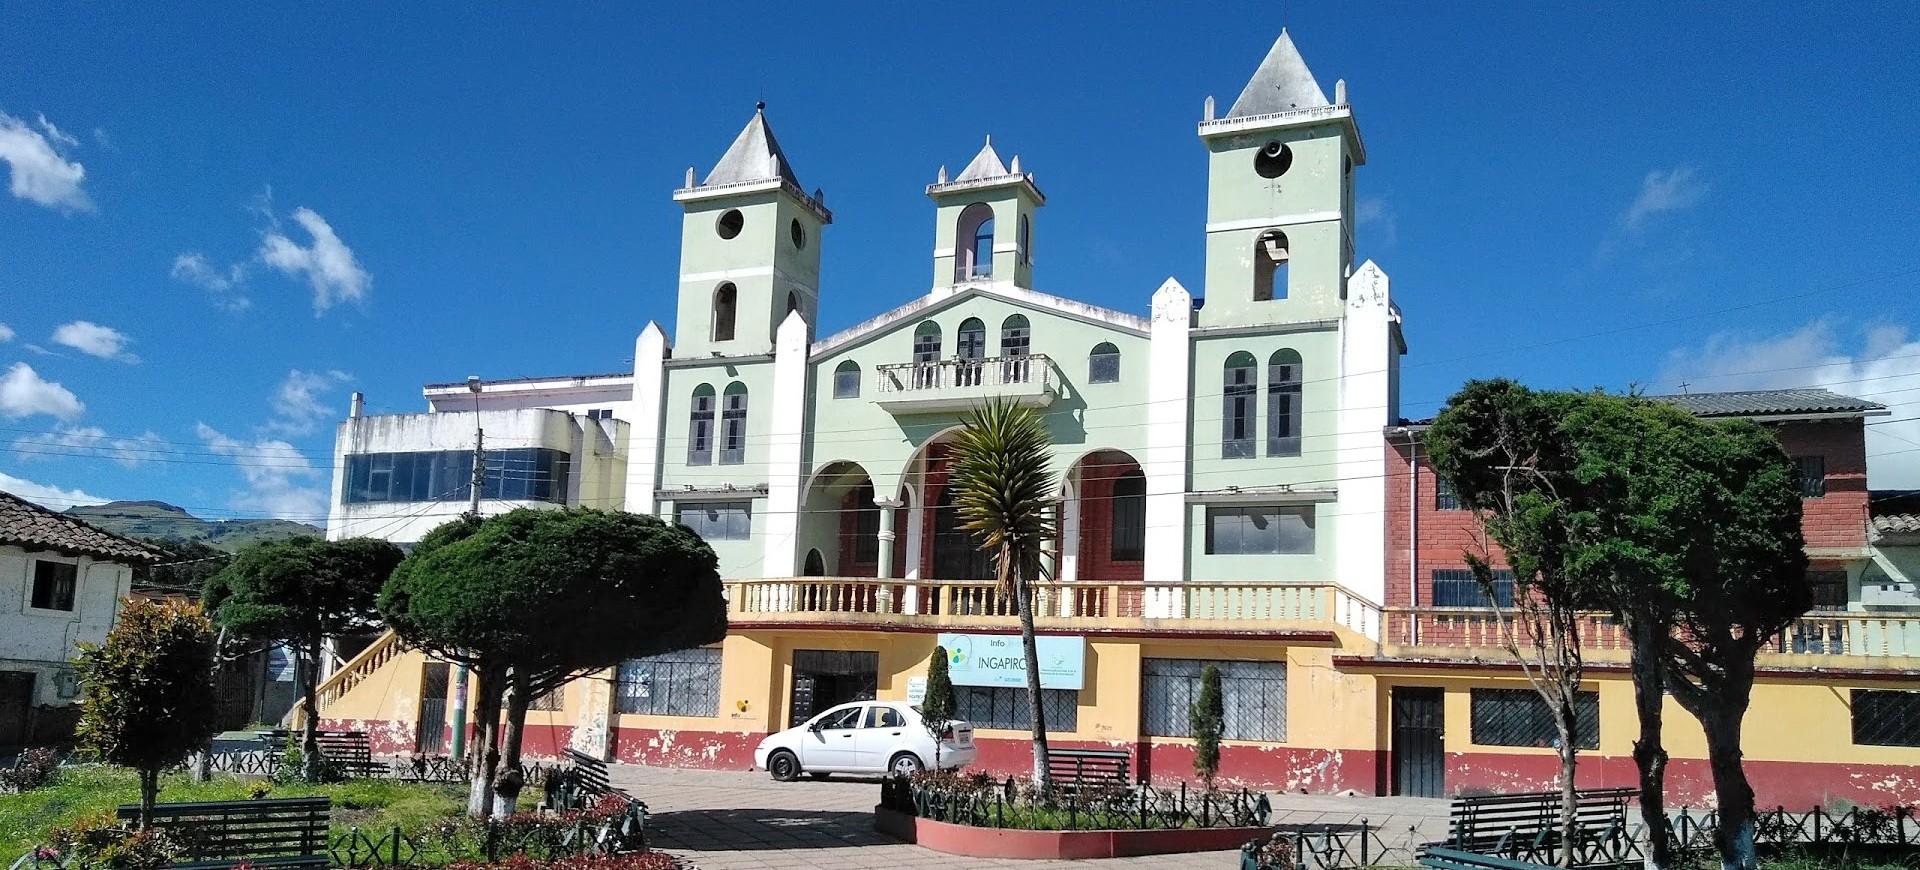 Une église à Ingaprica en Equateur